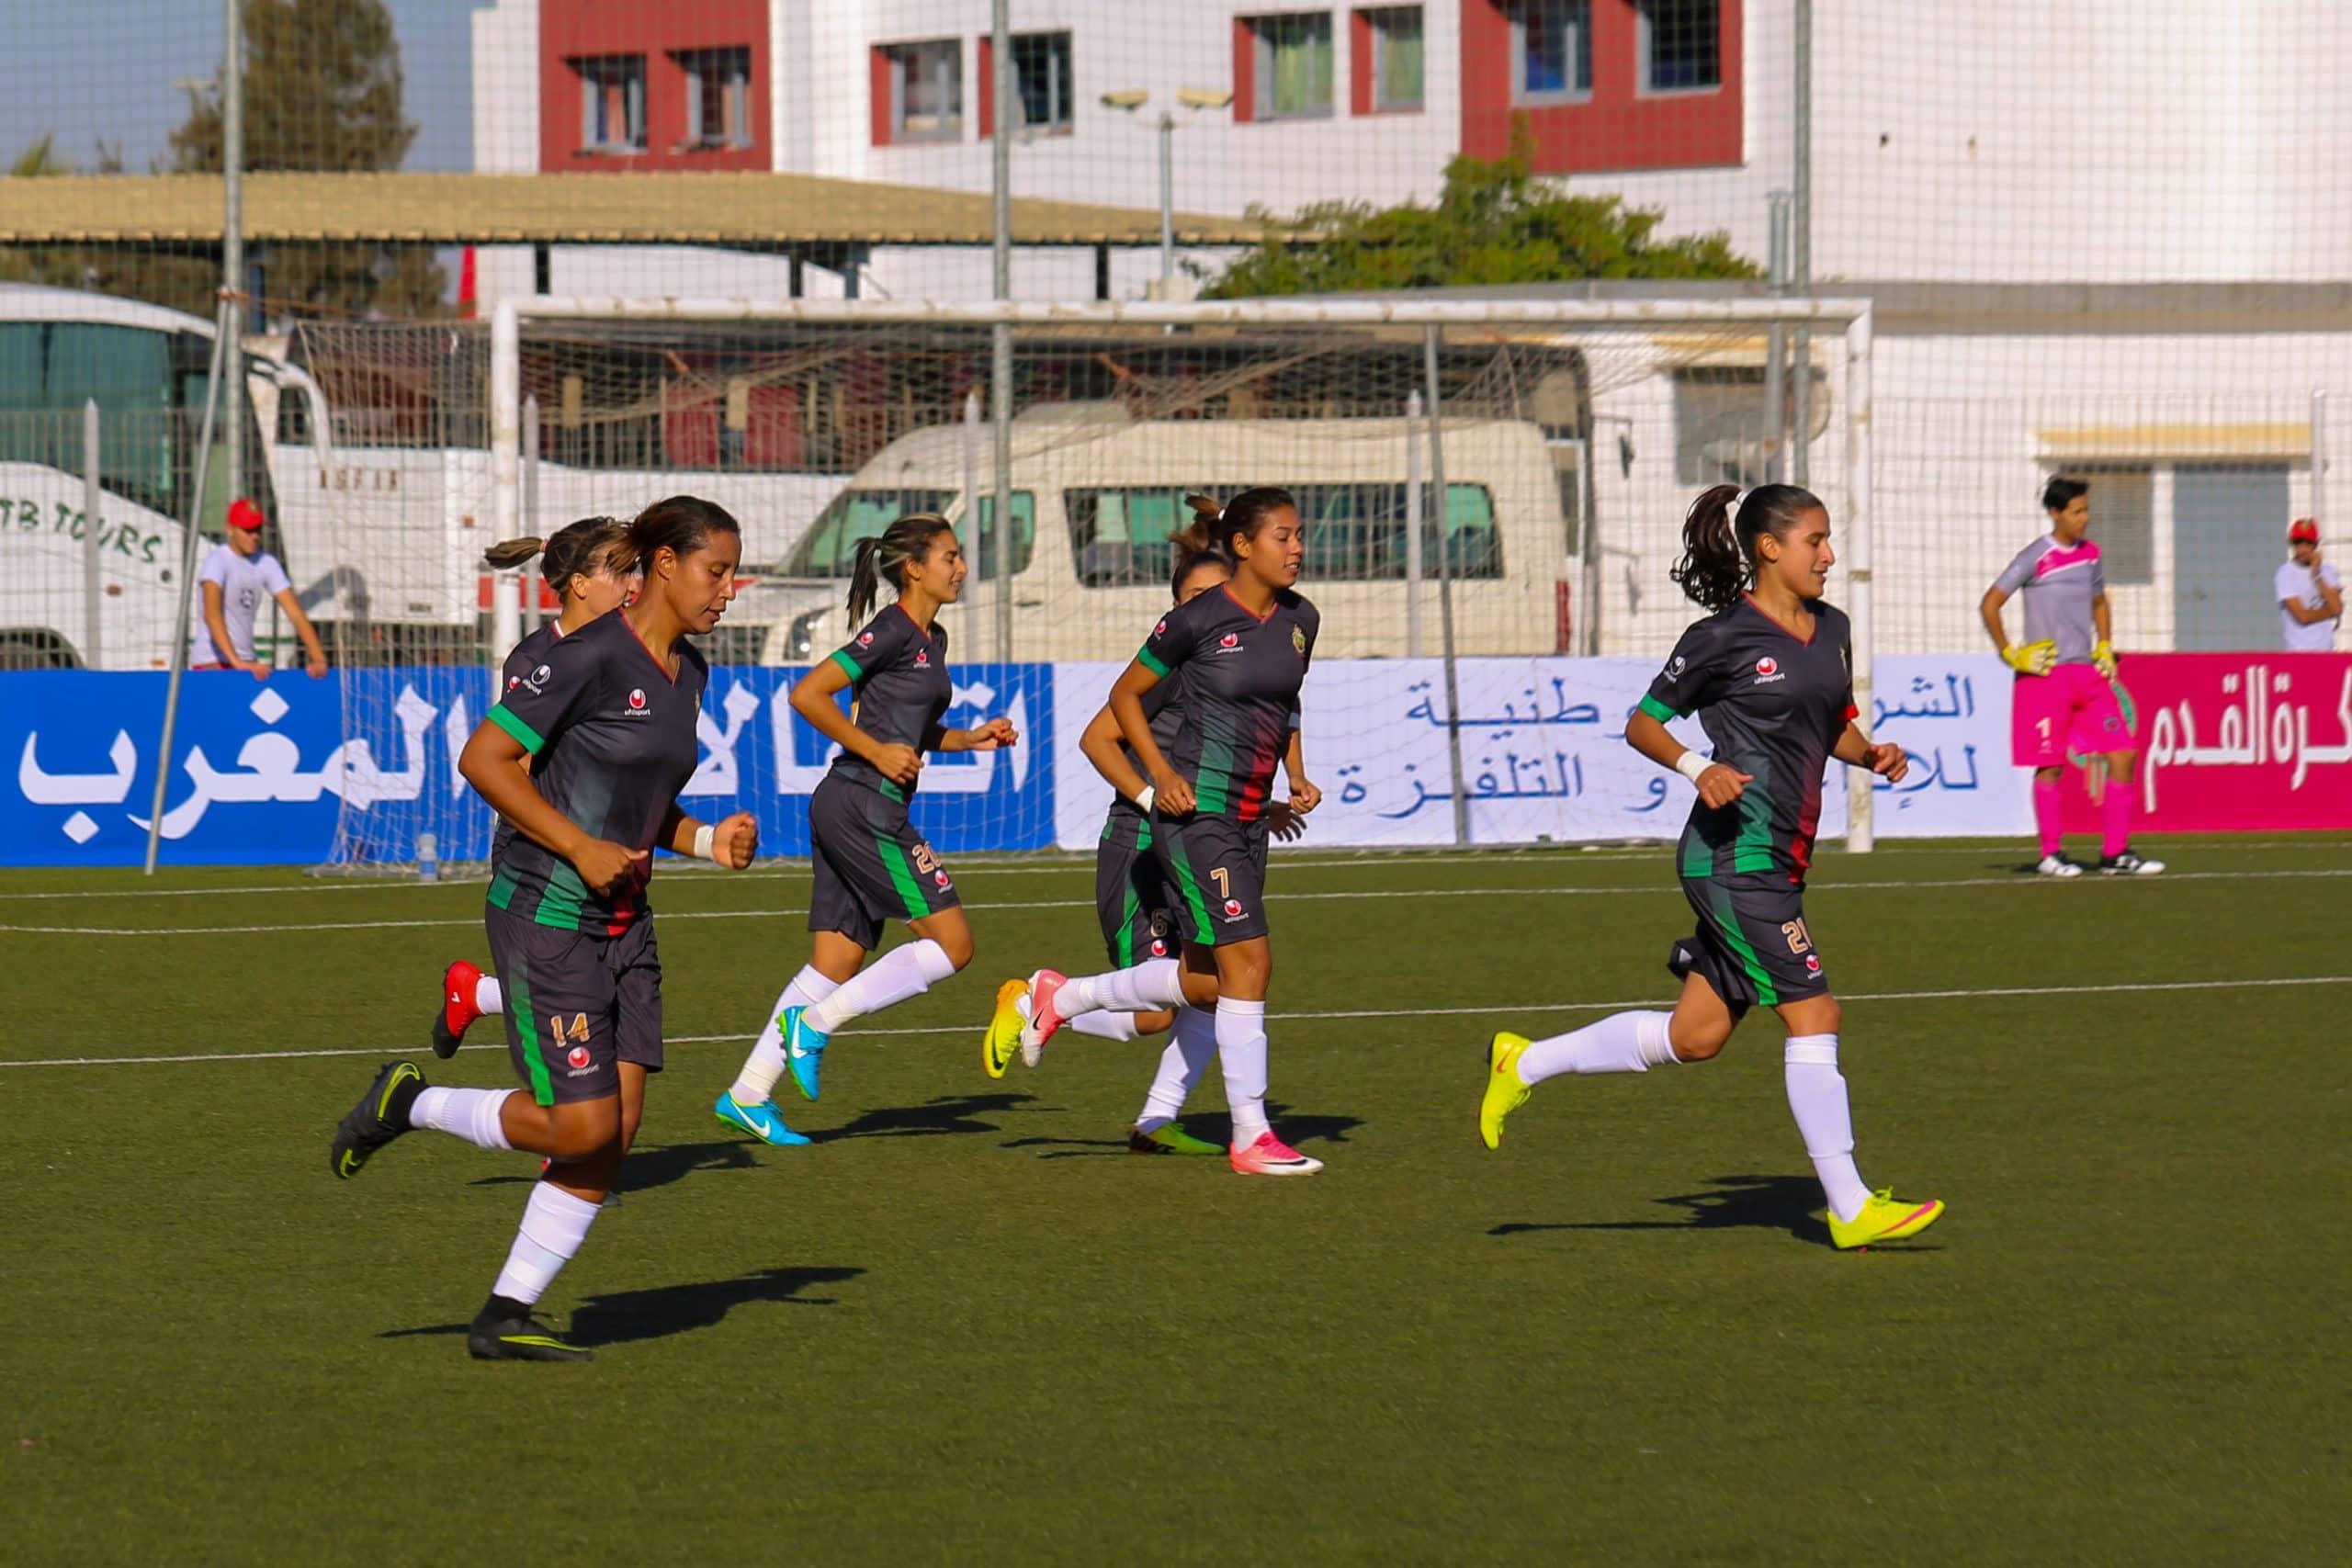 المرأة أضعف حلقة في اقتصاد الرياضة بالمغرب